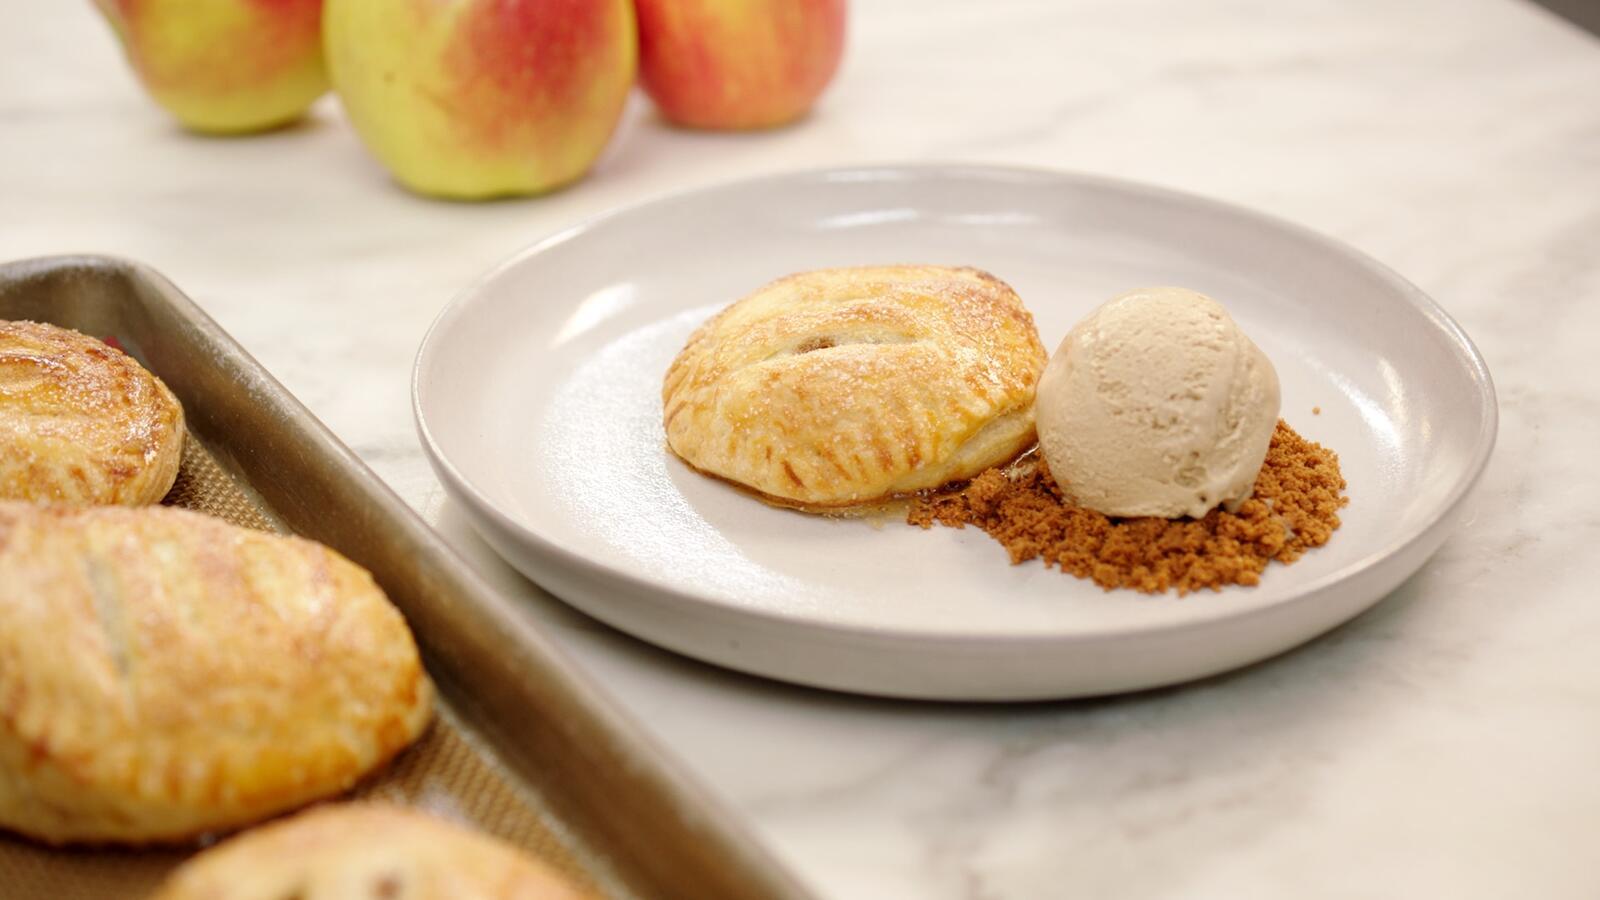 Bladerdeeggebakje met appel, mokka-ijs en speculaas